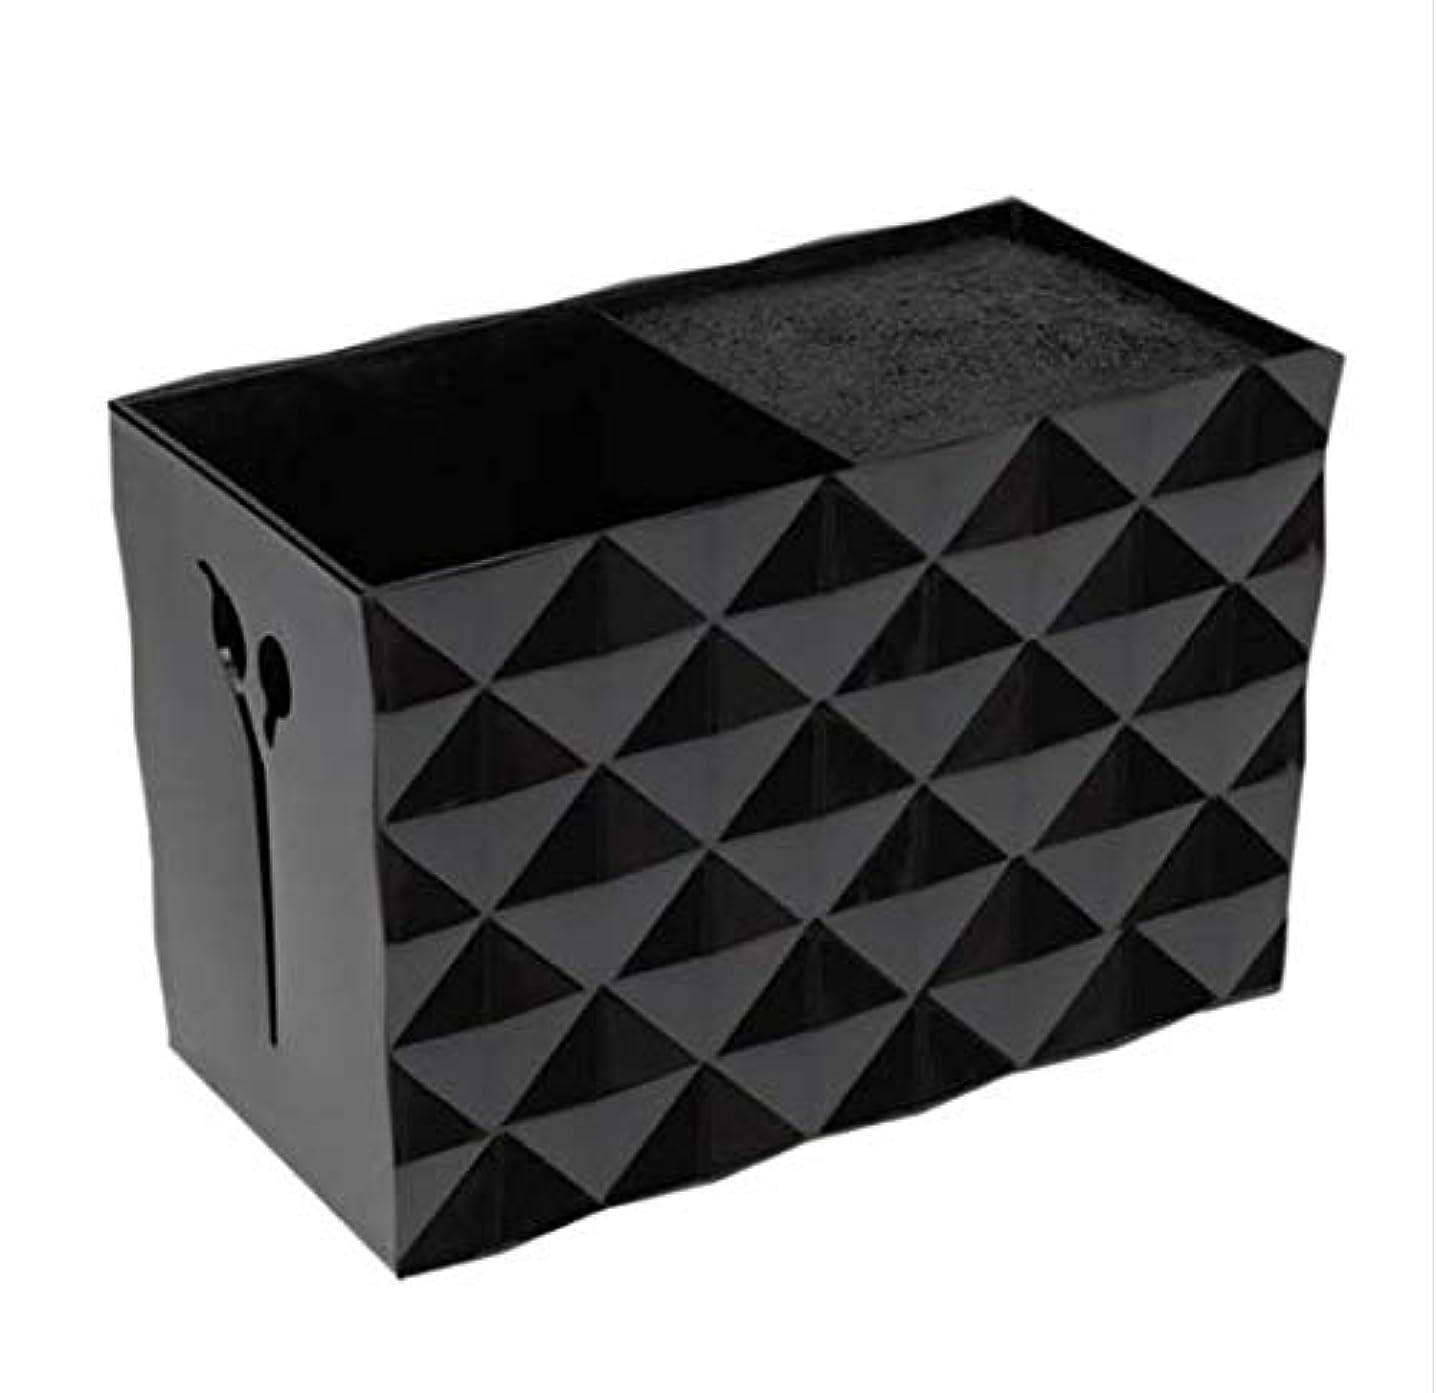 定期的に敵対的利用可能Livemarket プロのアクセサリー非スリップソケット髪シザー櫛ポットスタンドケーススタイリングサロンヘアクリップ人気の収納ボックス (ブラック)